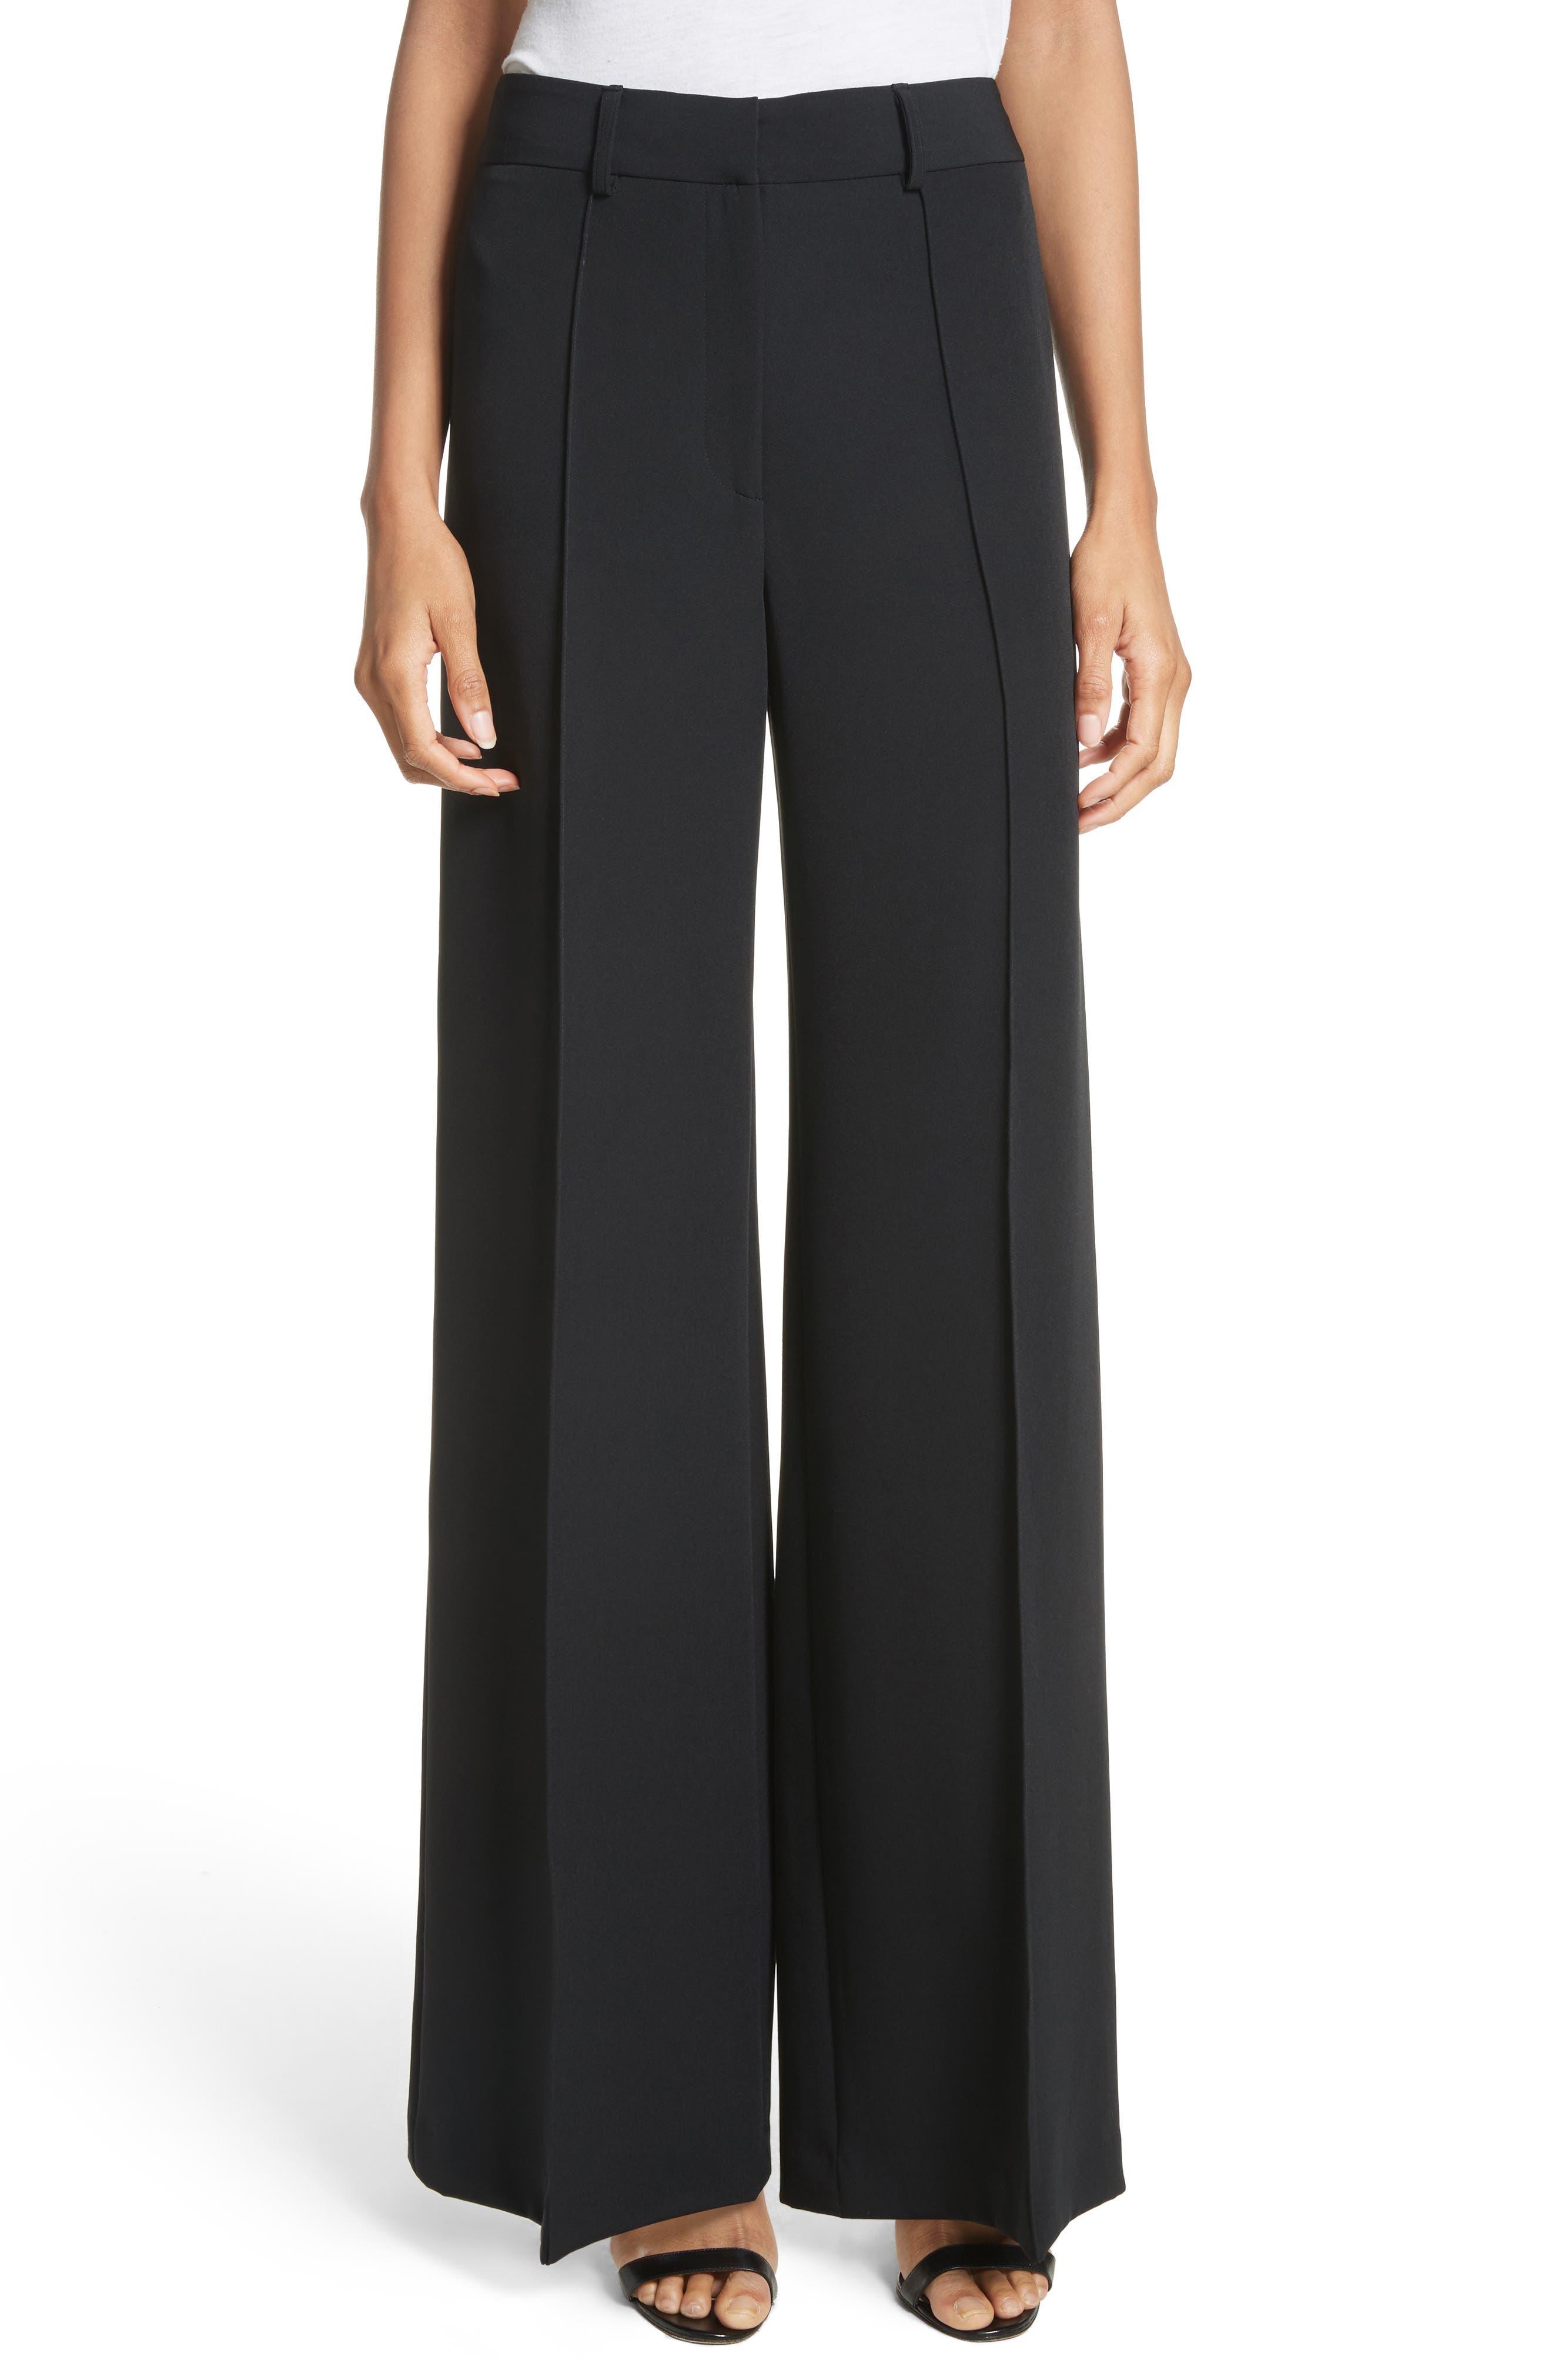 Milly 'Hayden' Wide Leg Trousers